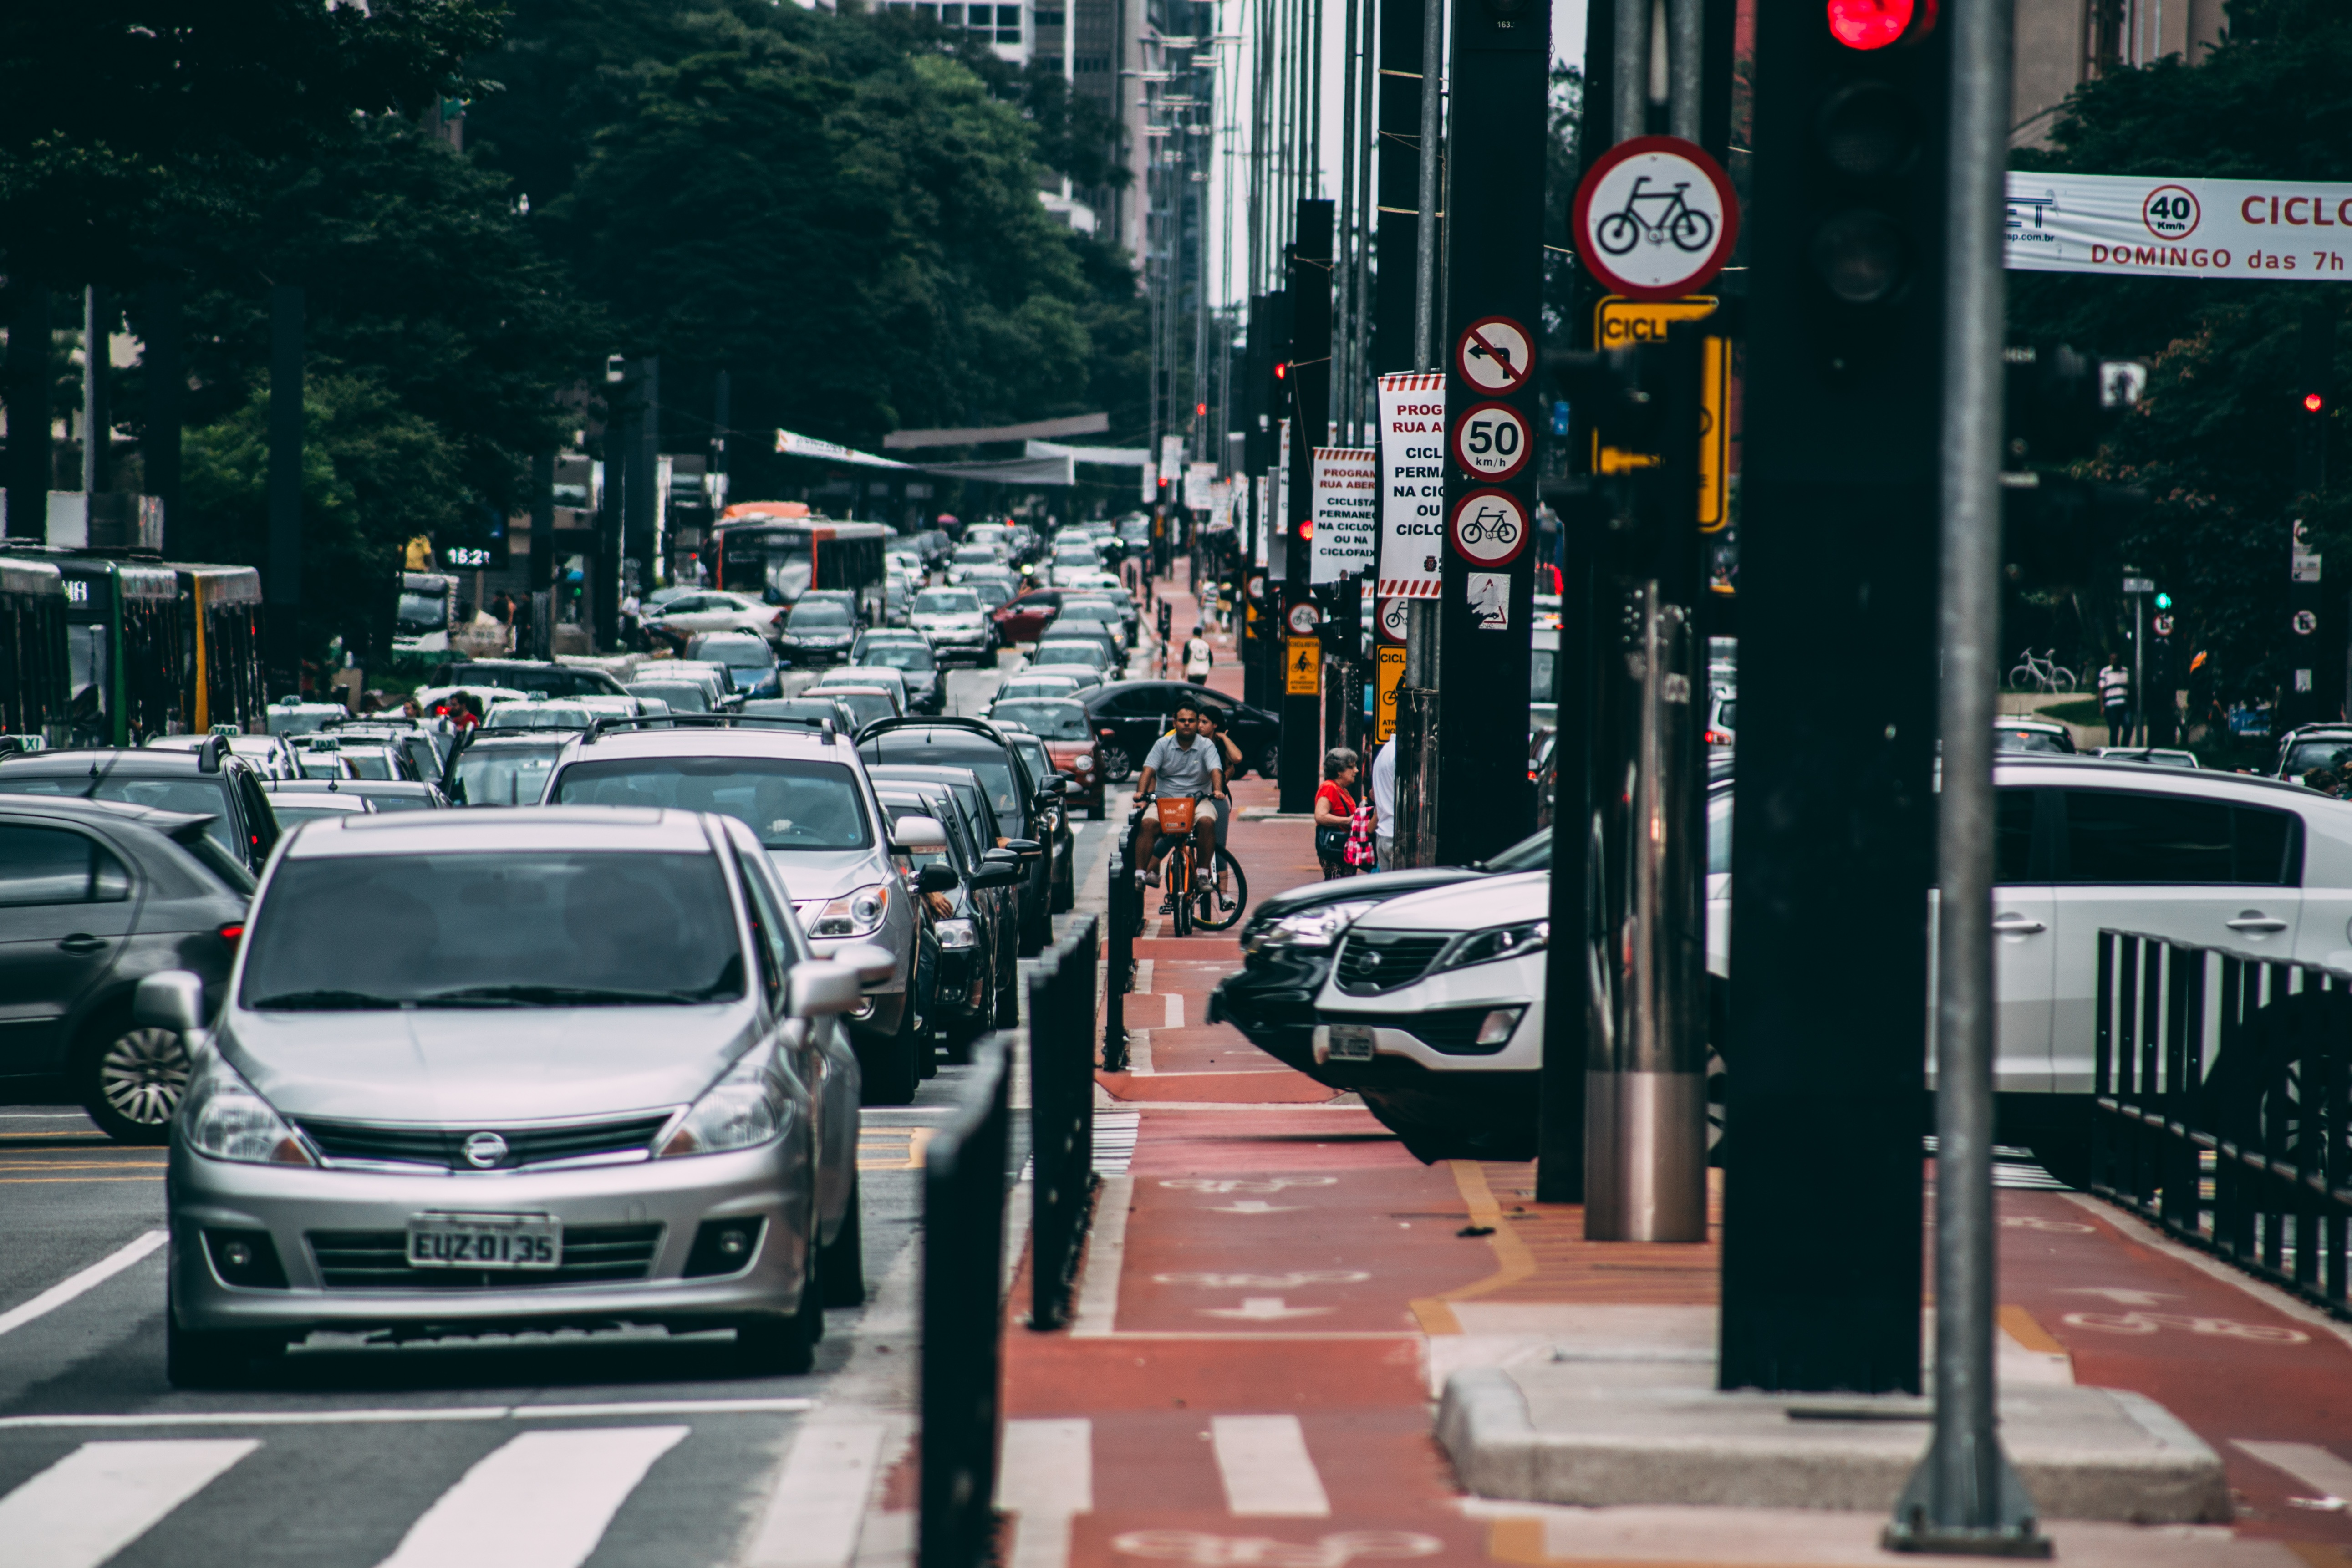 Tietê - São Paulo